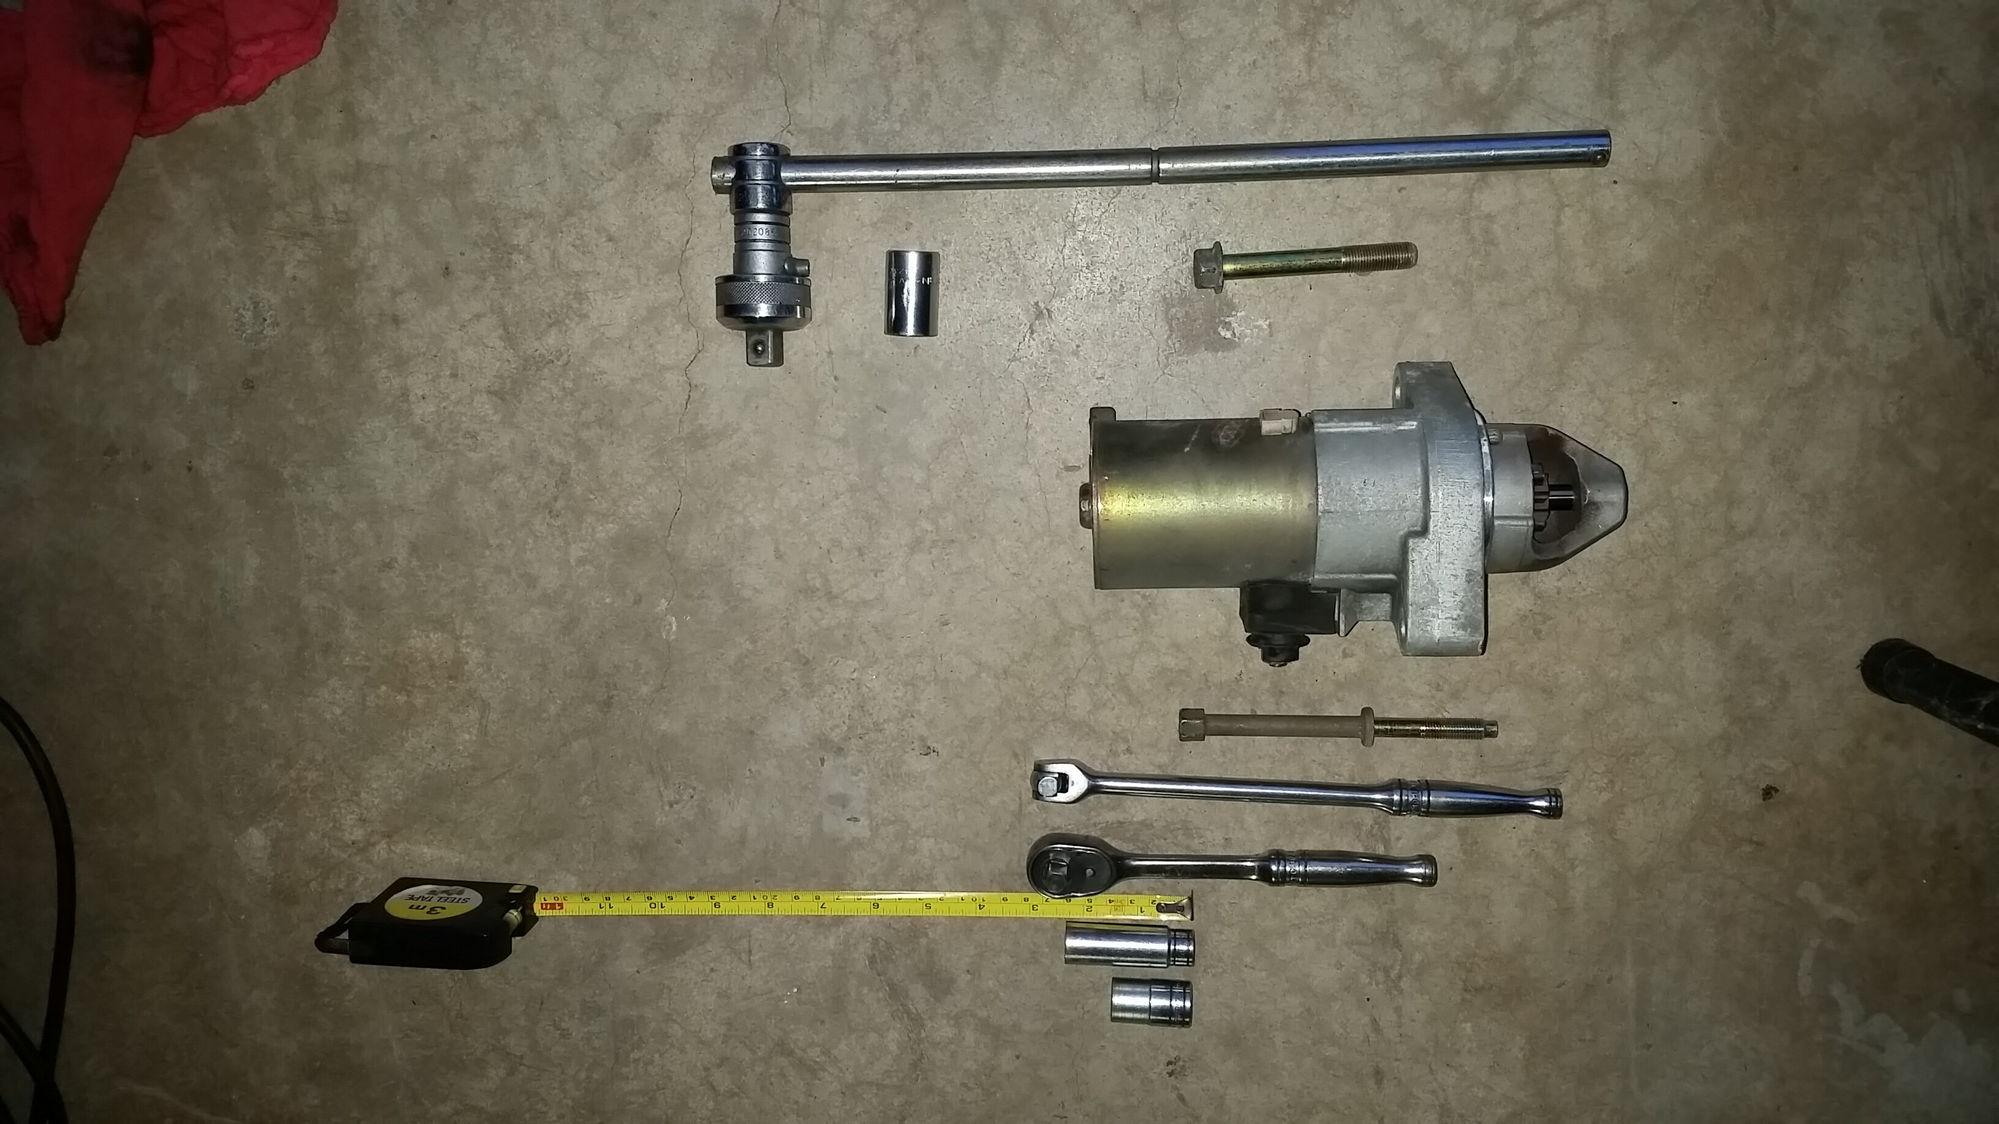 03 crv need advice on replacing starter honda tech for Honda crv starter motor